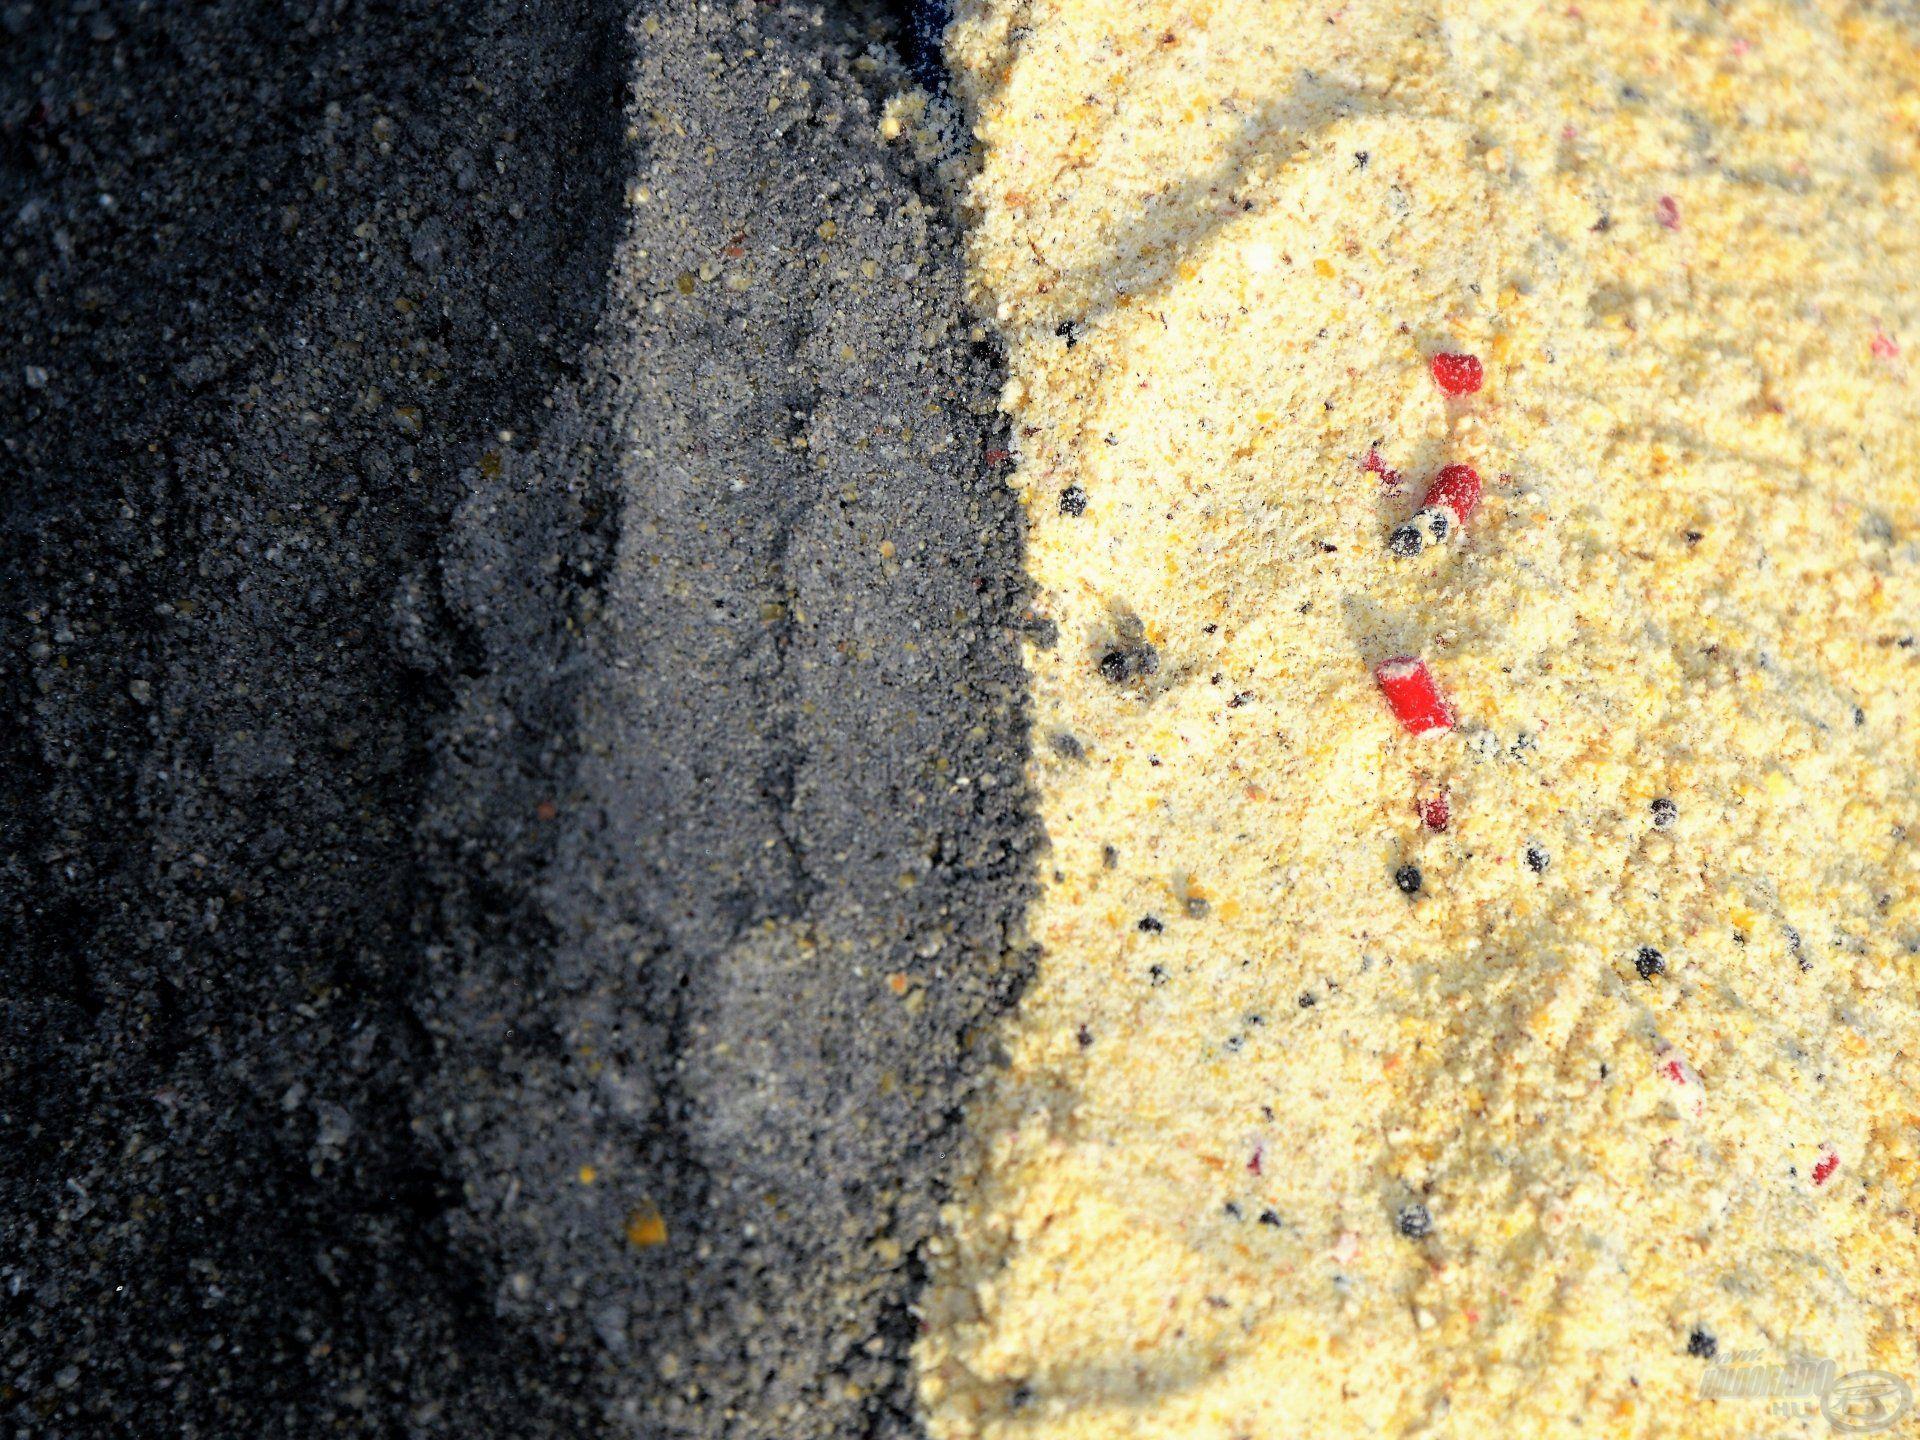 Akár a hófehér etetőanyagot is koromfeketére lehet festeni a segítségével